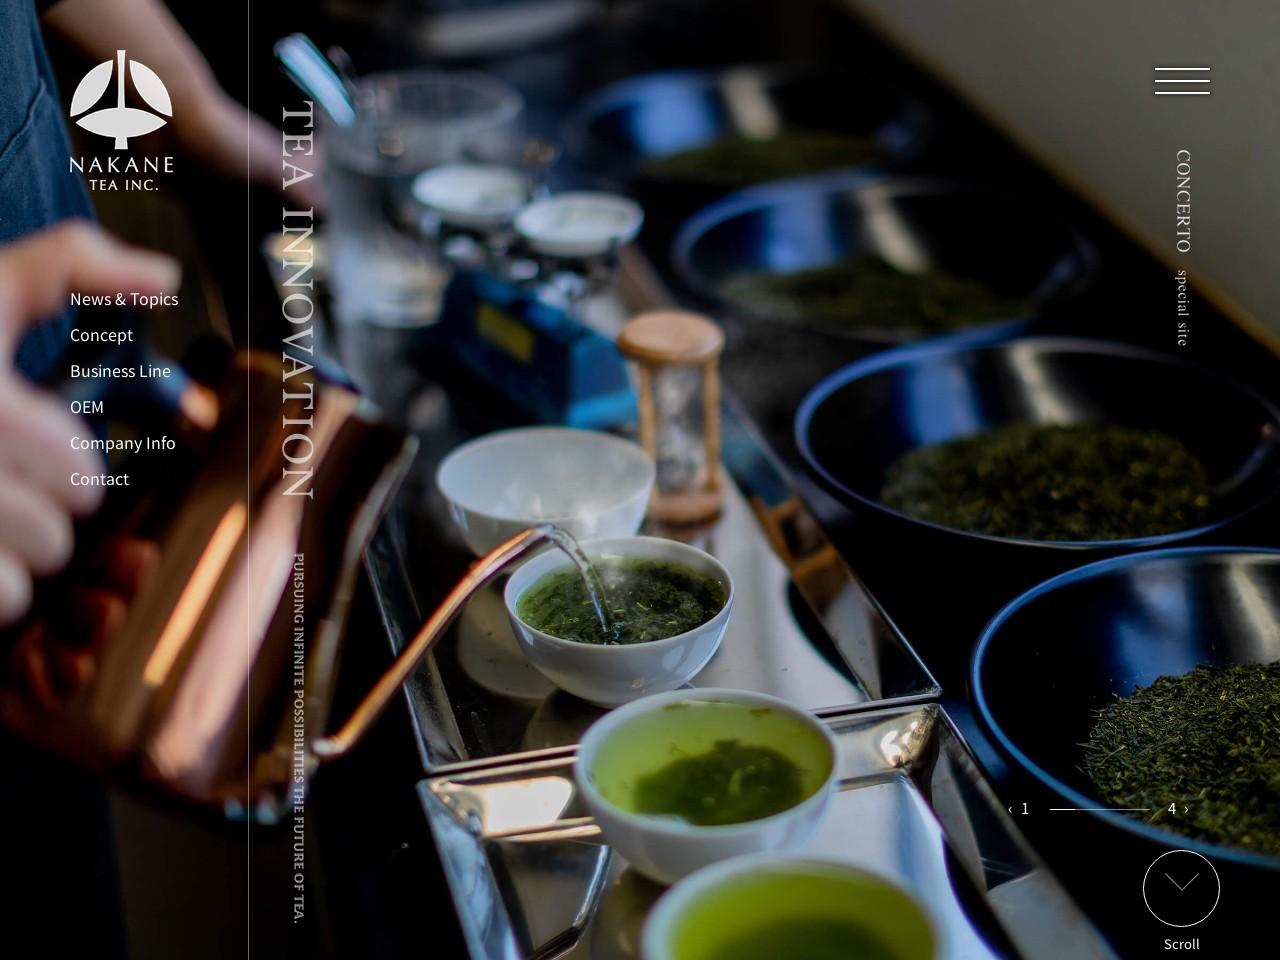 中根製茶株式会社